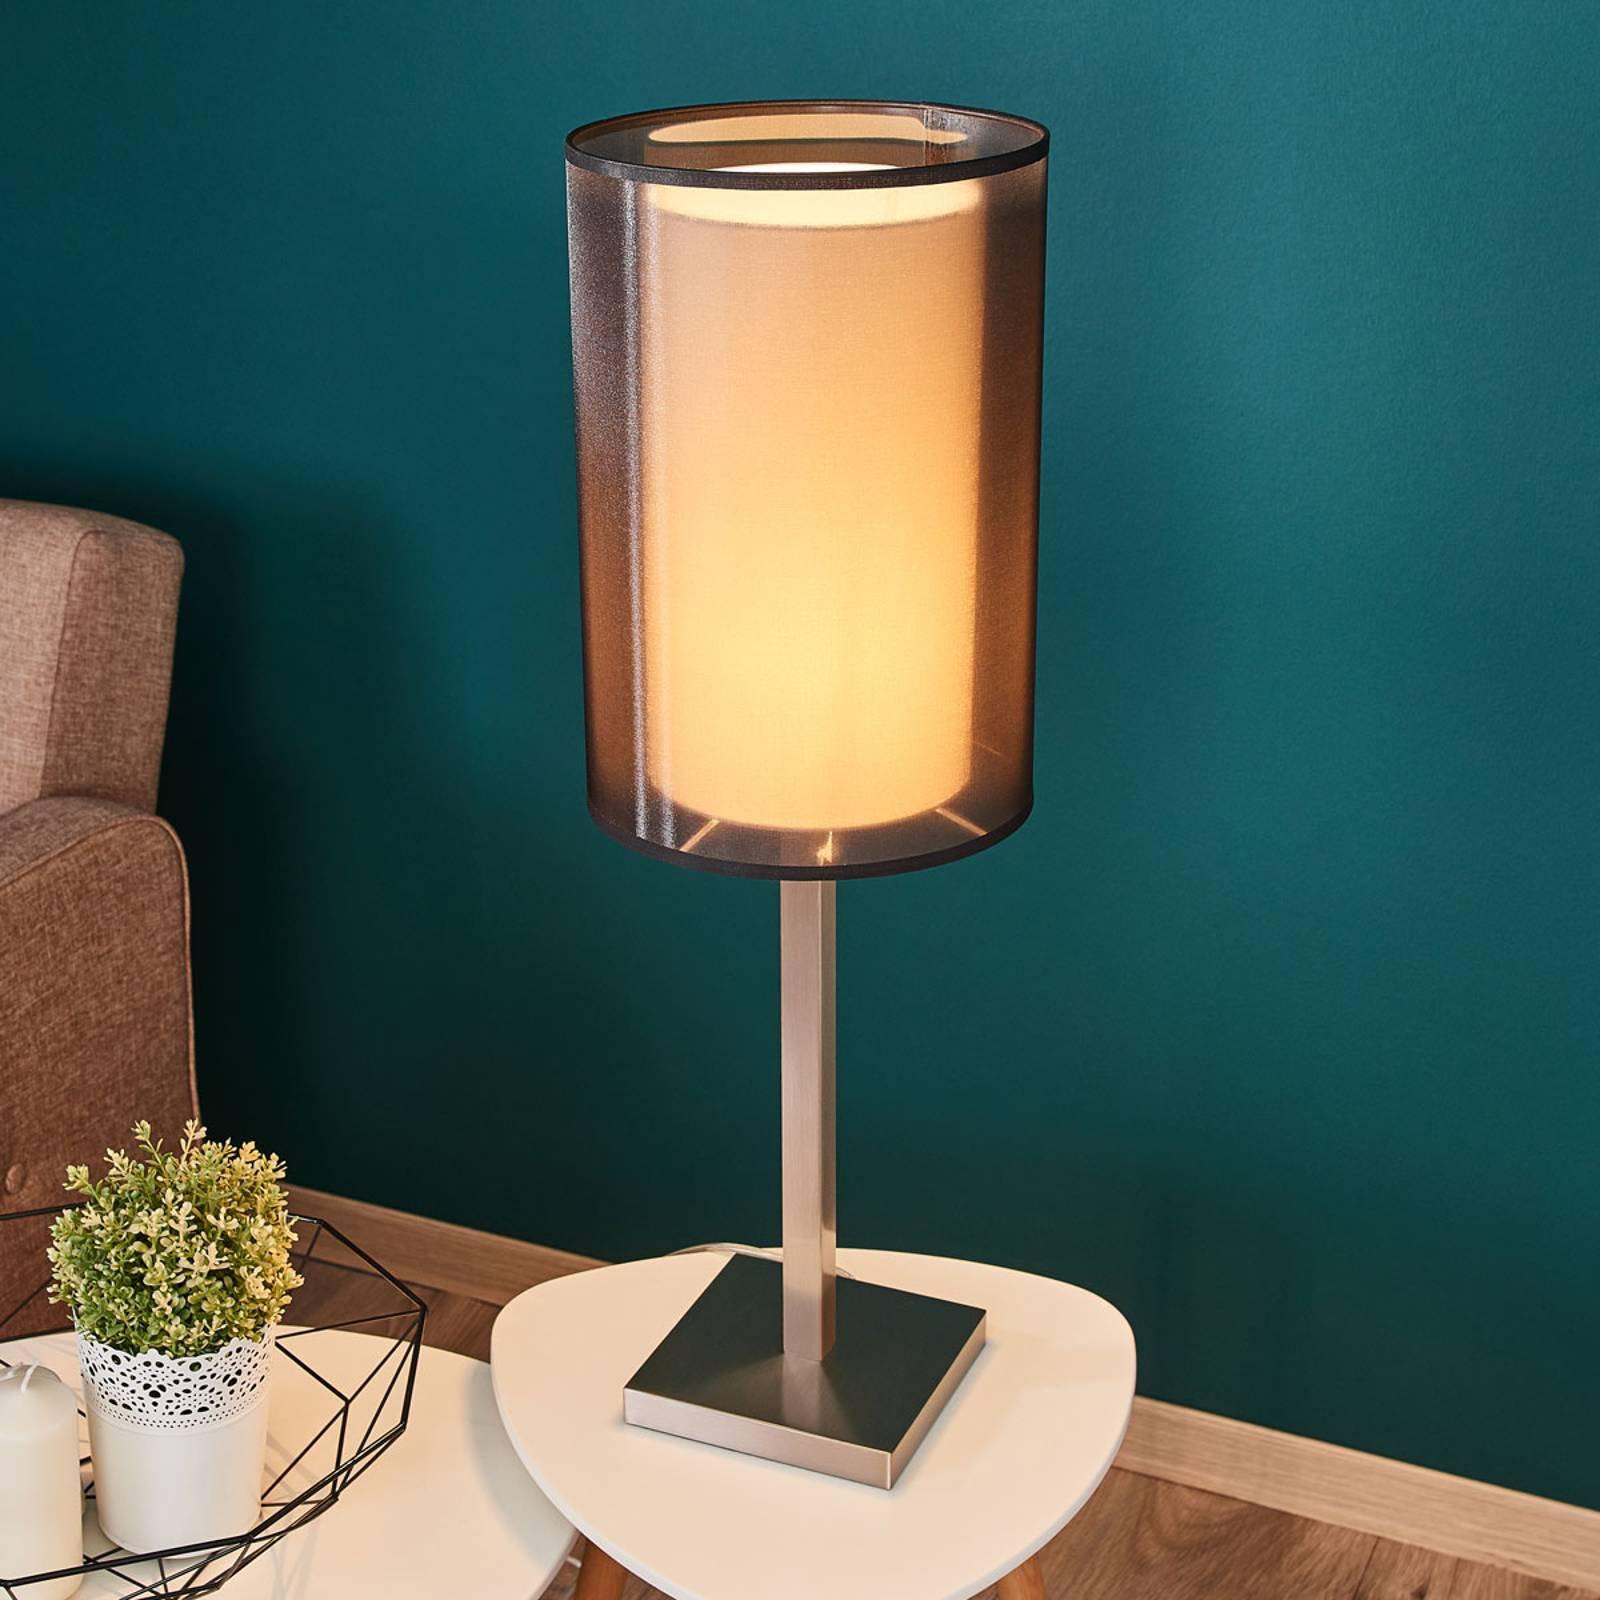 Bordlampe Quattro med organza-skjerm, høyde 71 cm